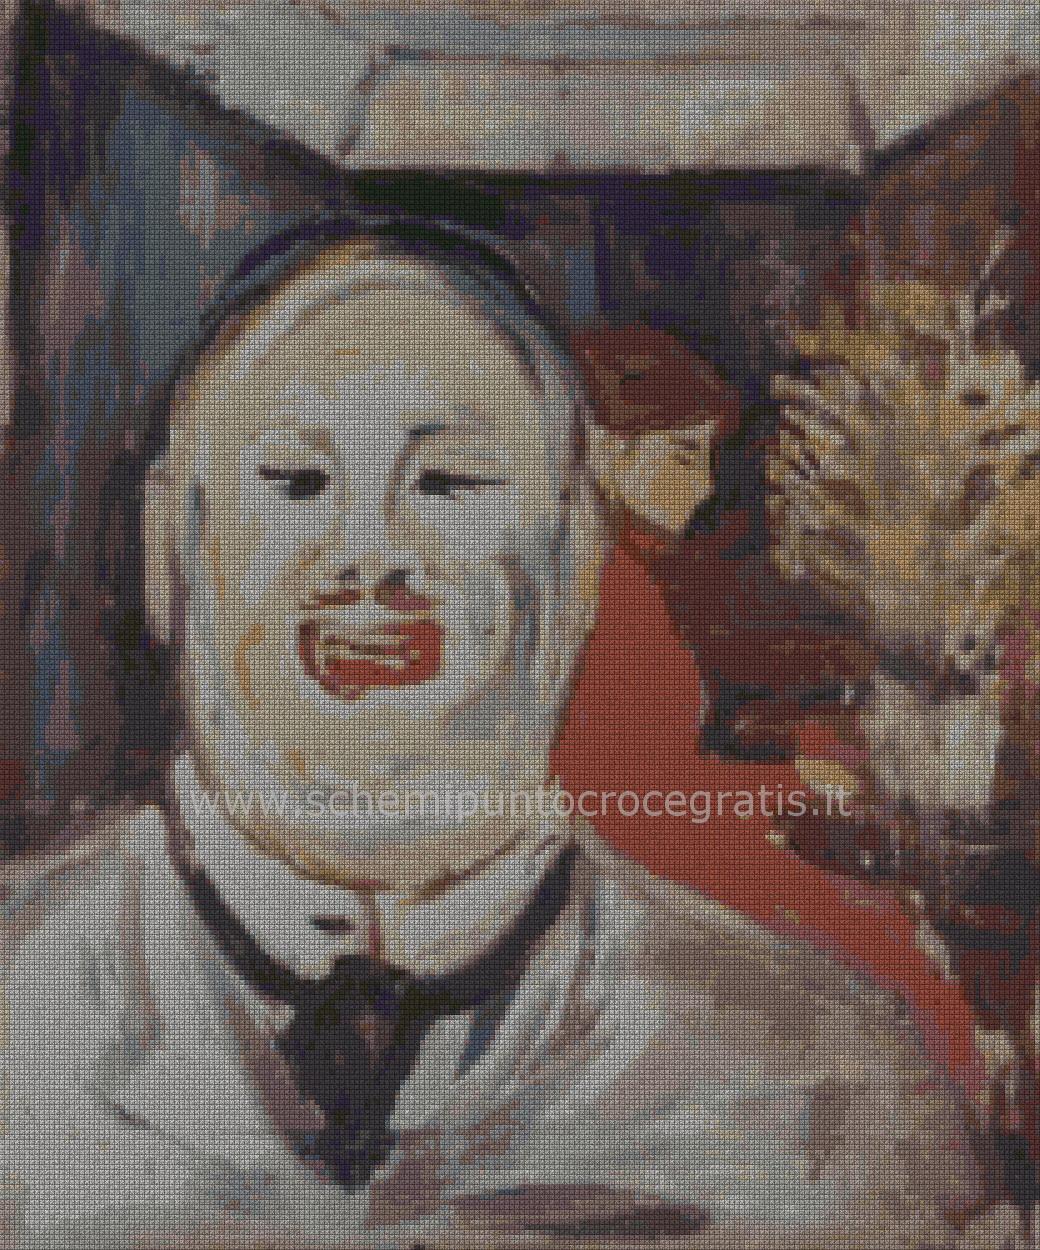 pittori_moderni/munch/Munch05.jpg